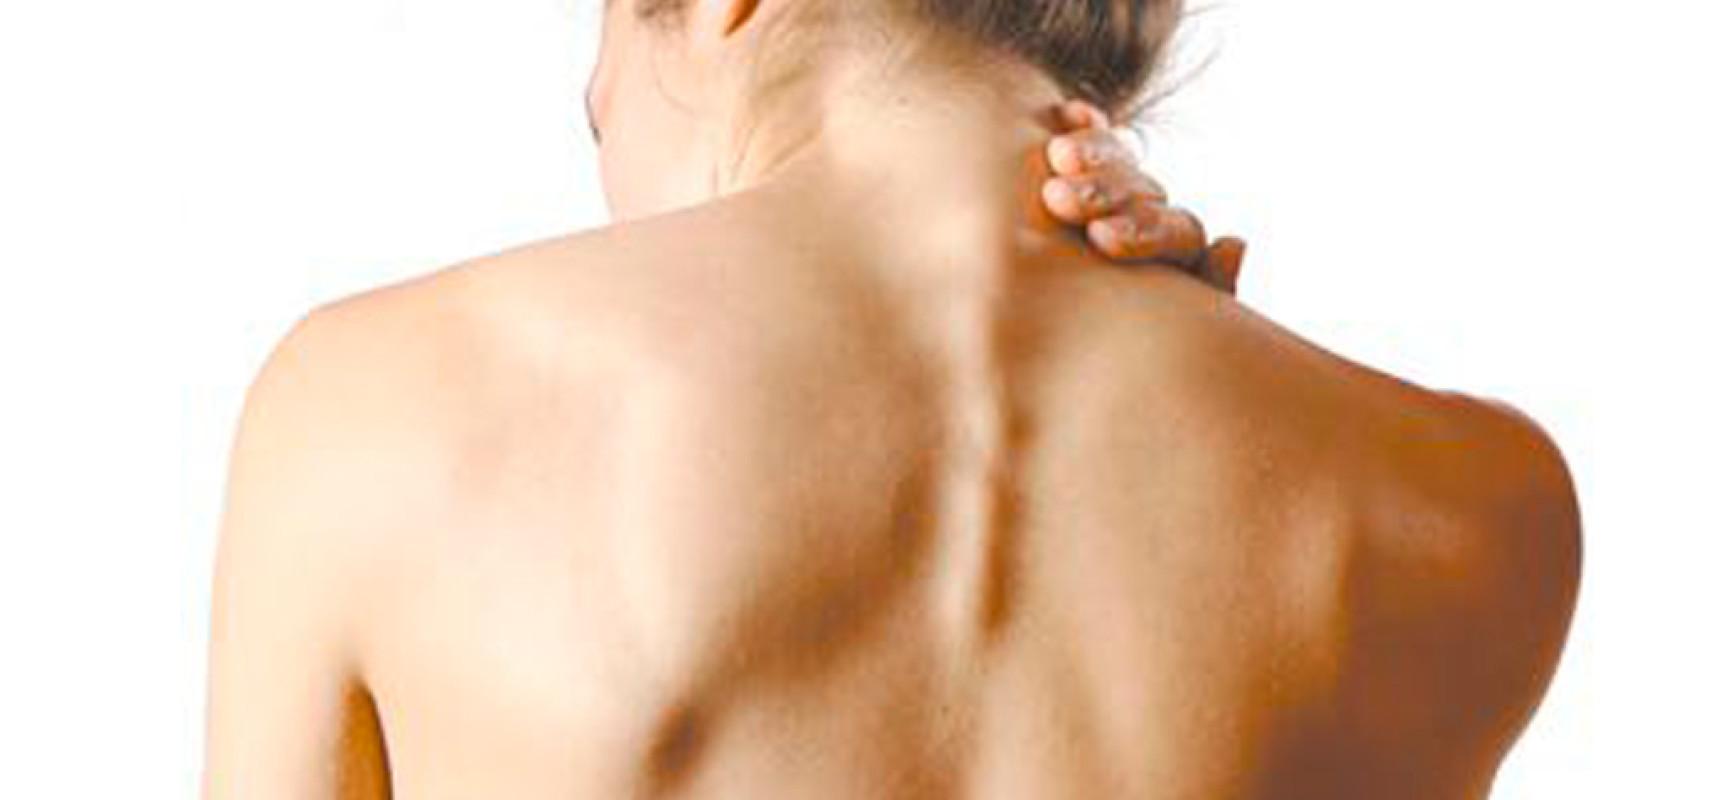 Секс после замены тазобедренного сустава и позы 27 фотография